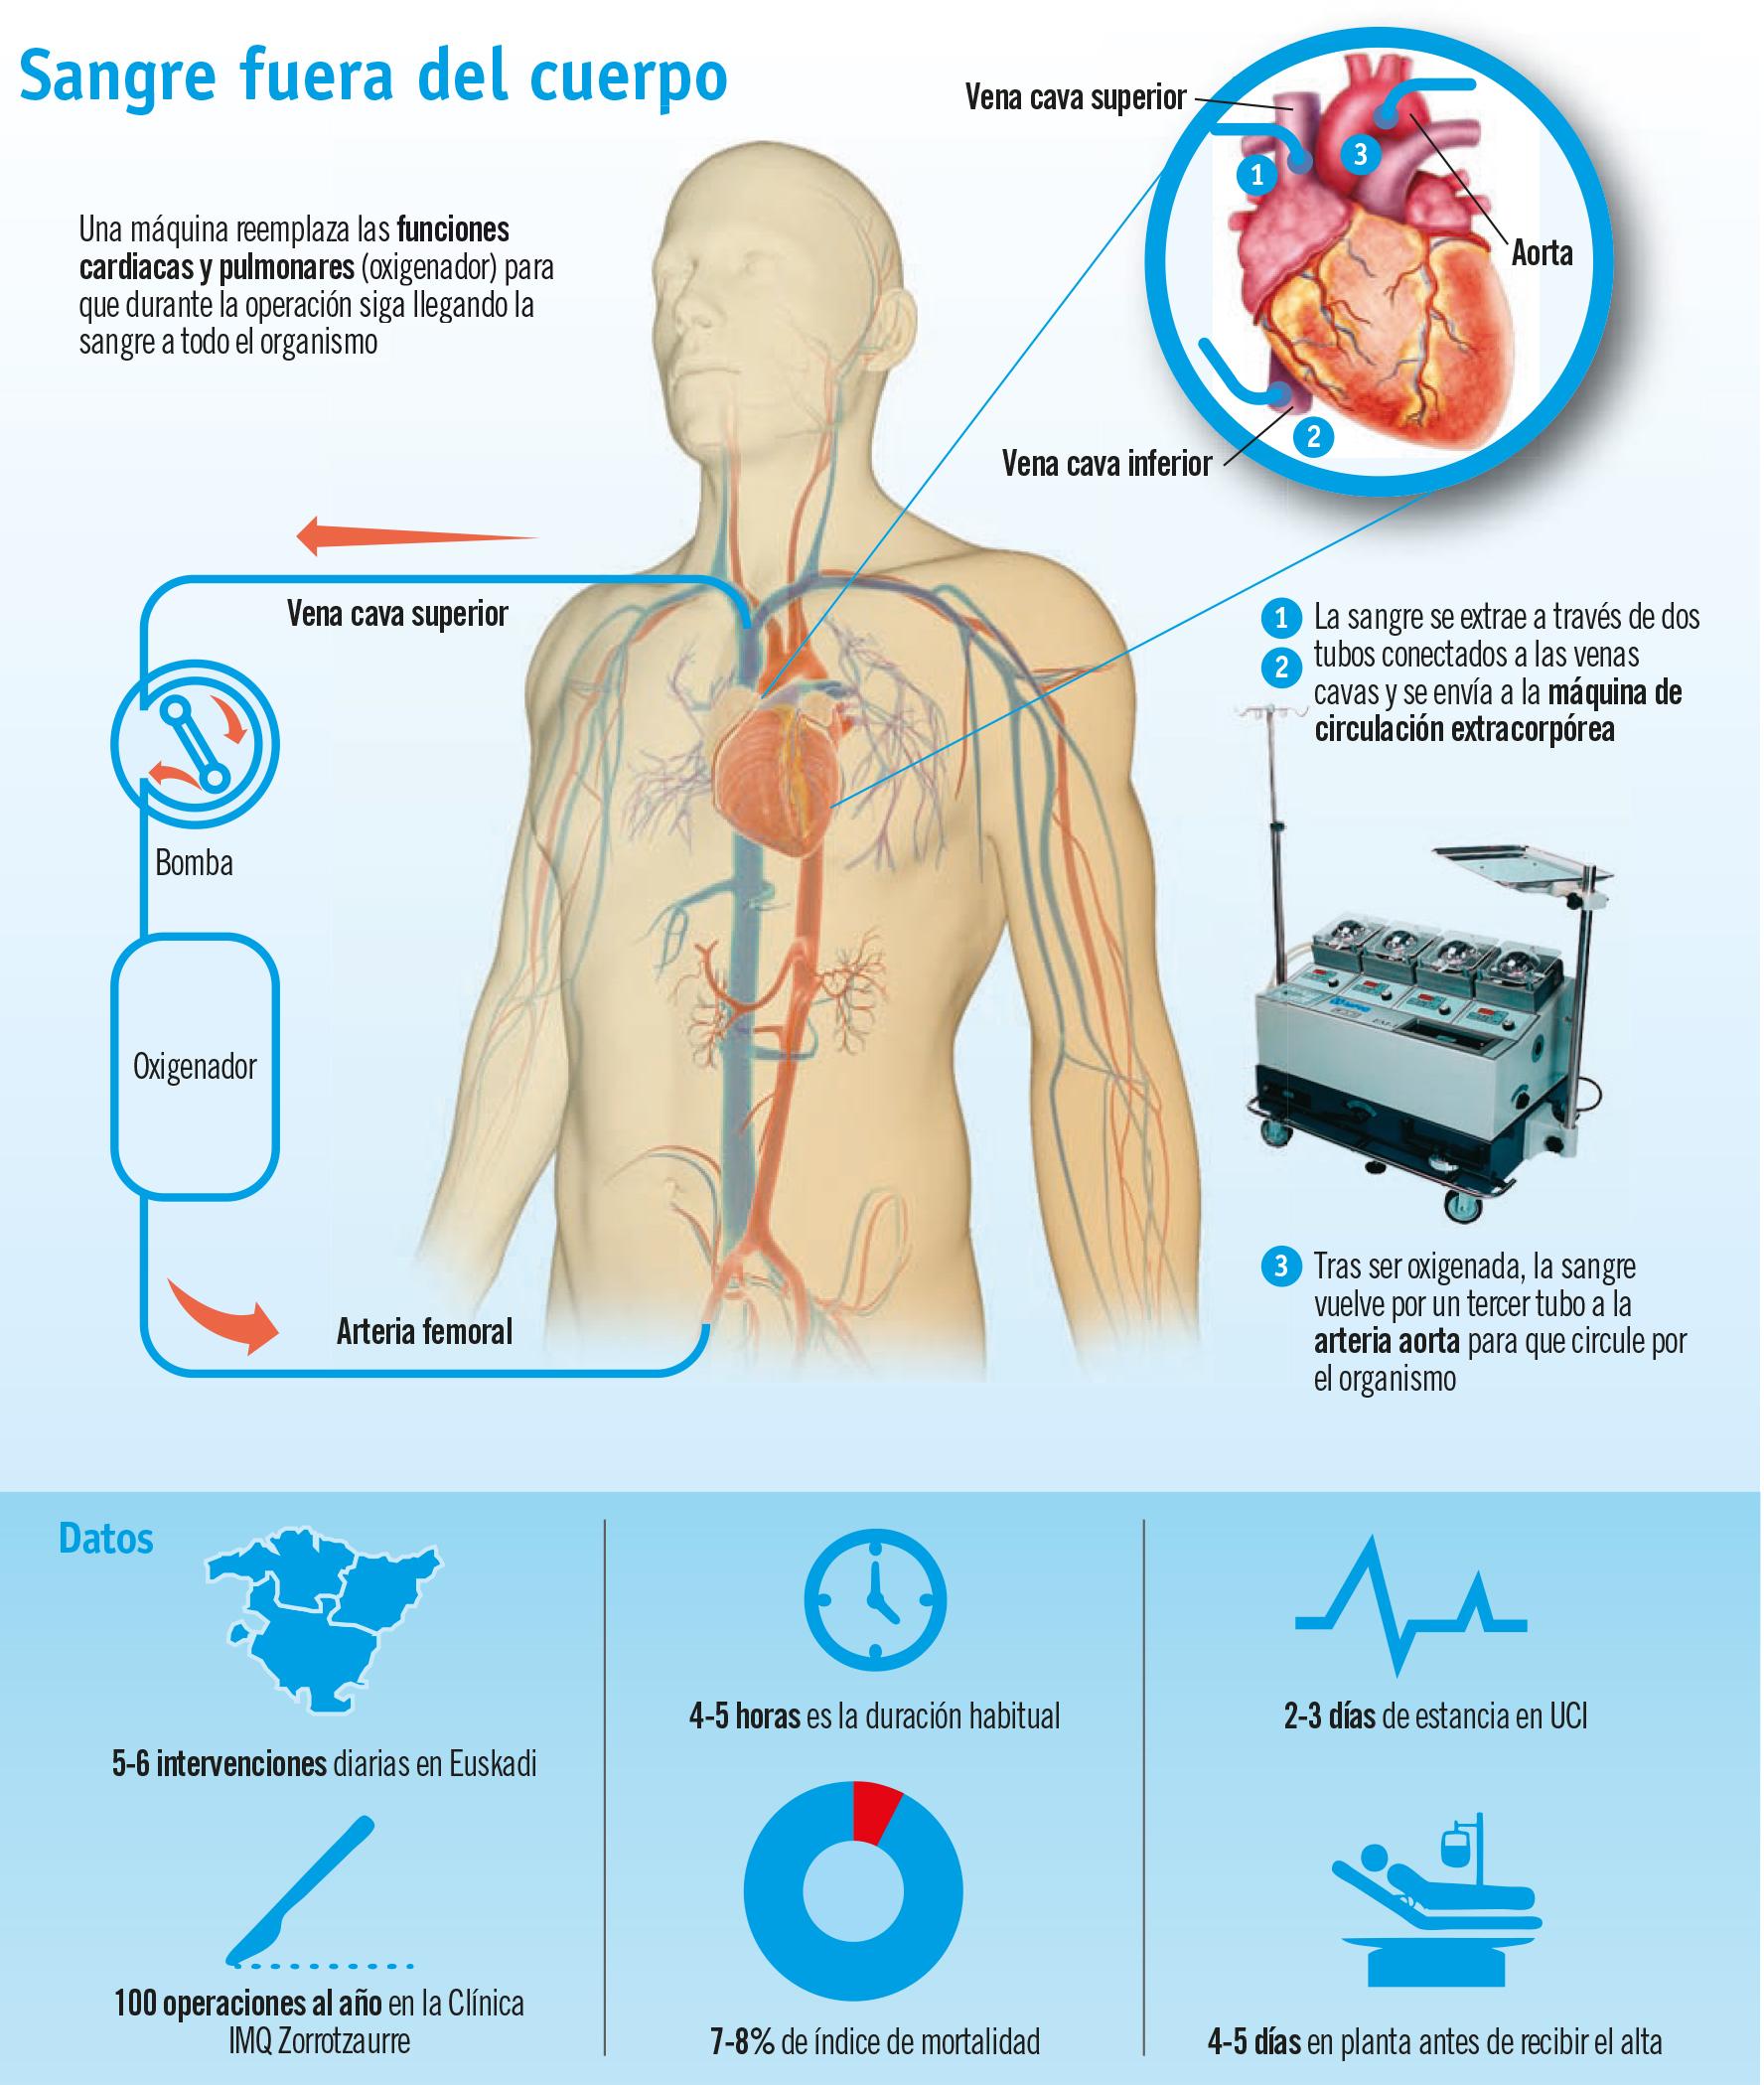 Circulación extracorpórea, corazón artificial prestado